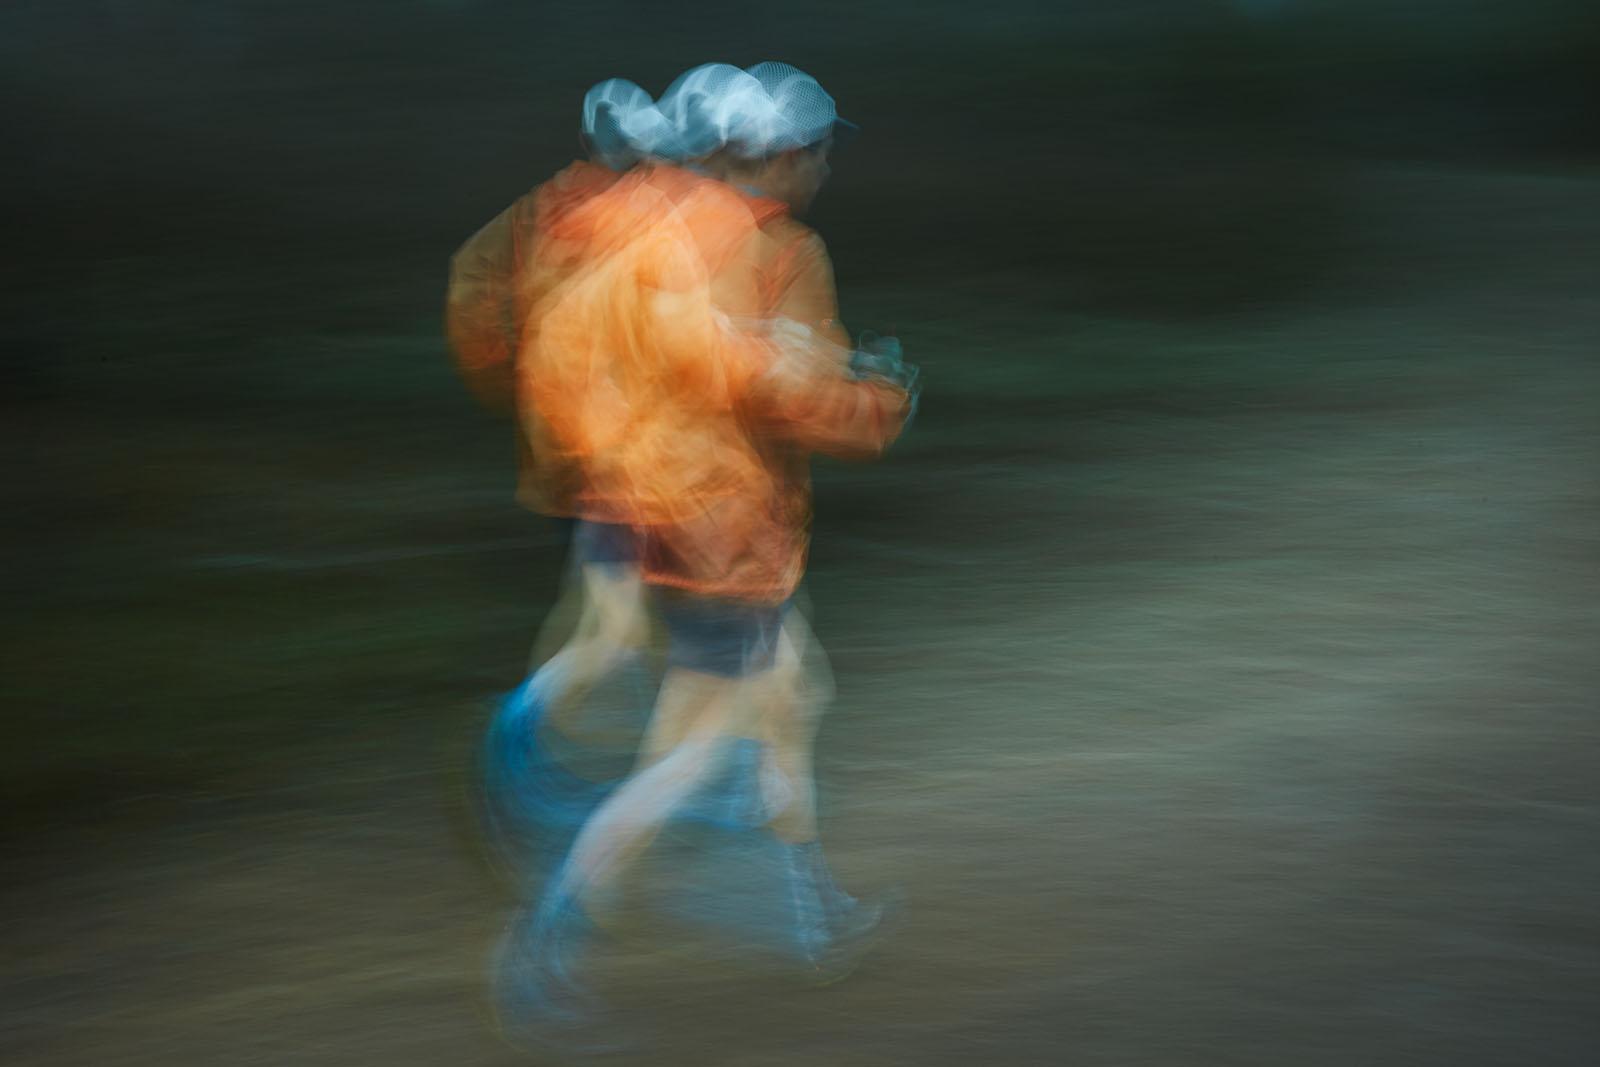 TEST-endurance-1 348.jpg